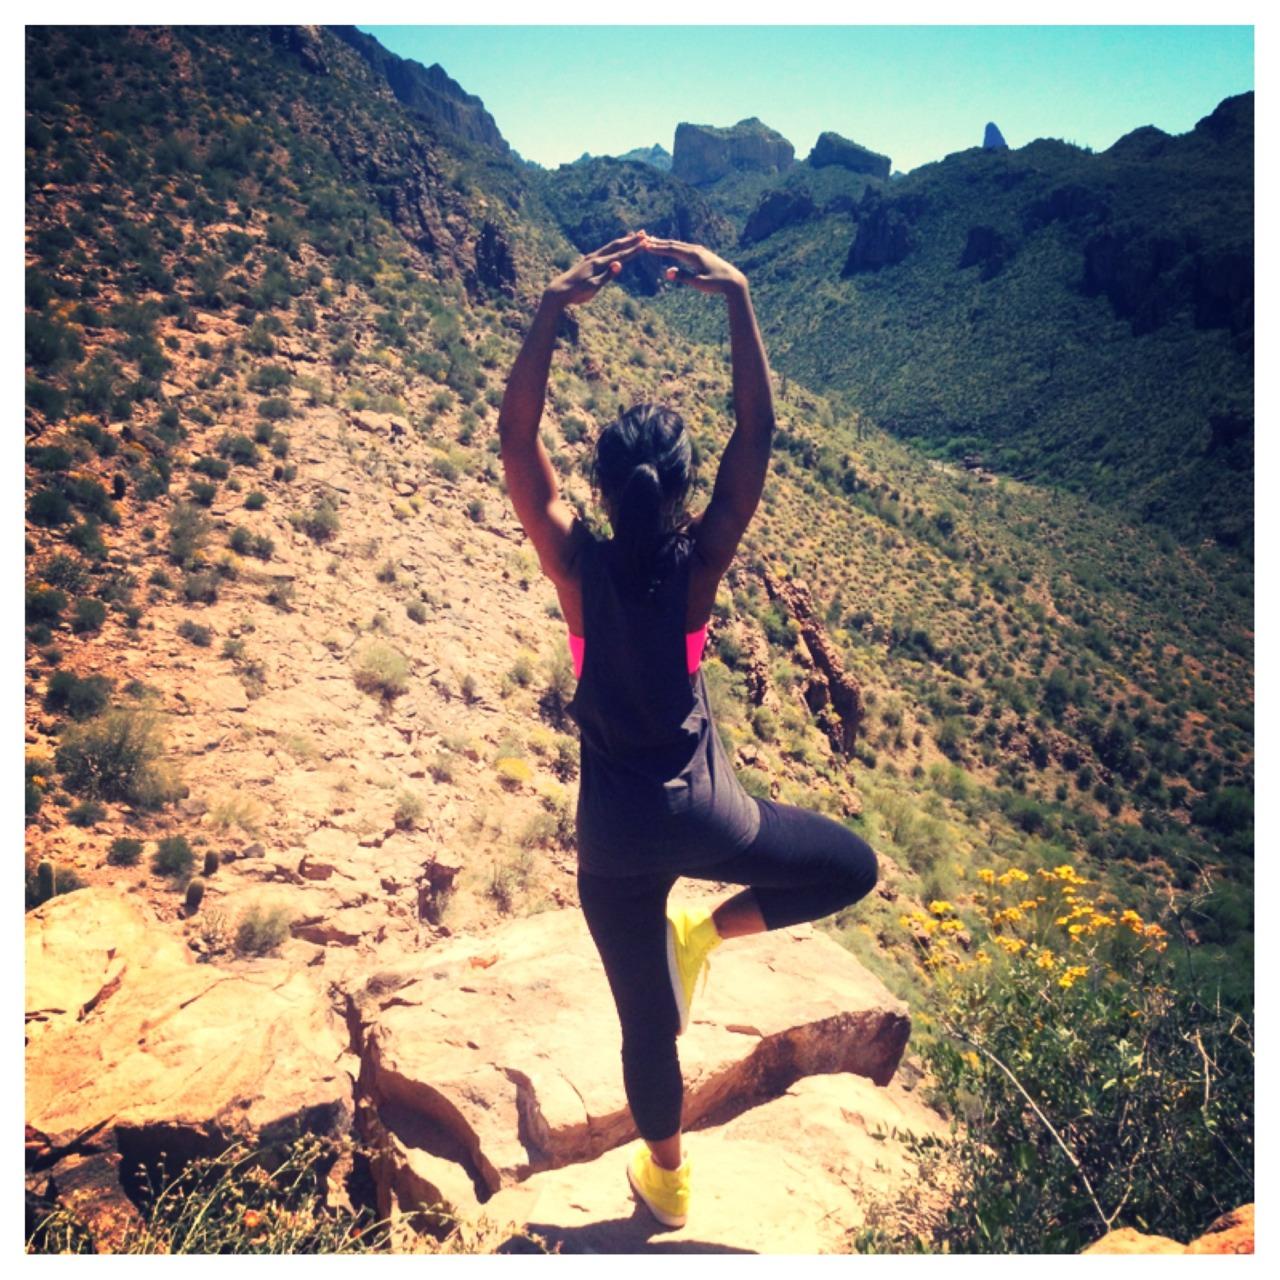 Ballet in the Desert. Thuglife.